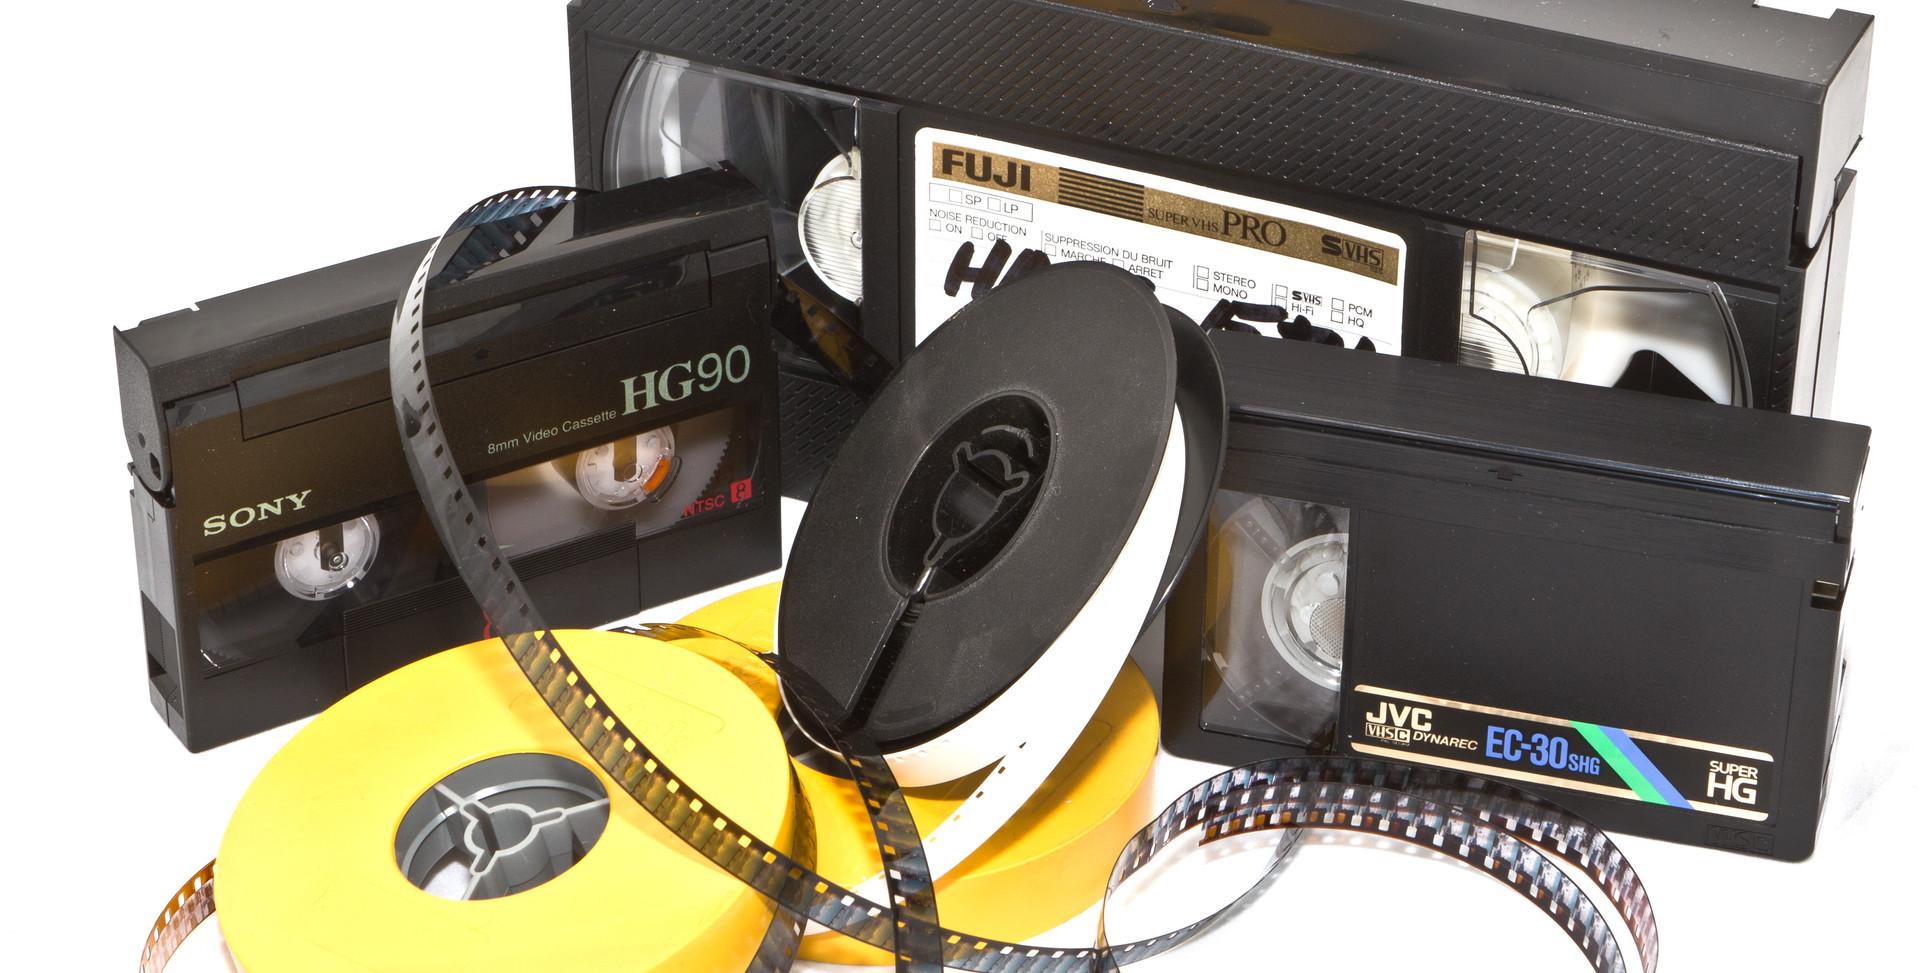 dpro-hänni-gmbh-super8-film-vhs-video-di